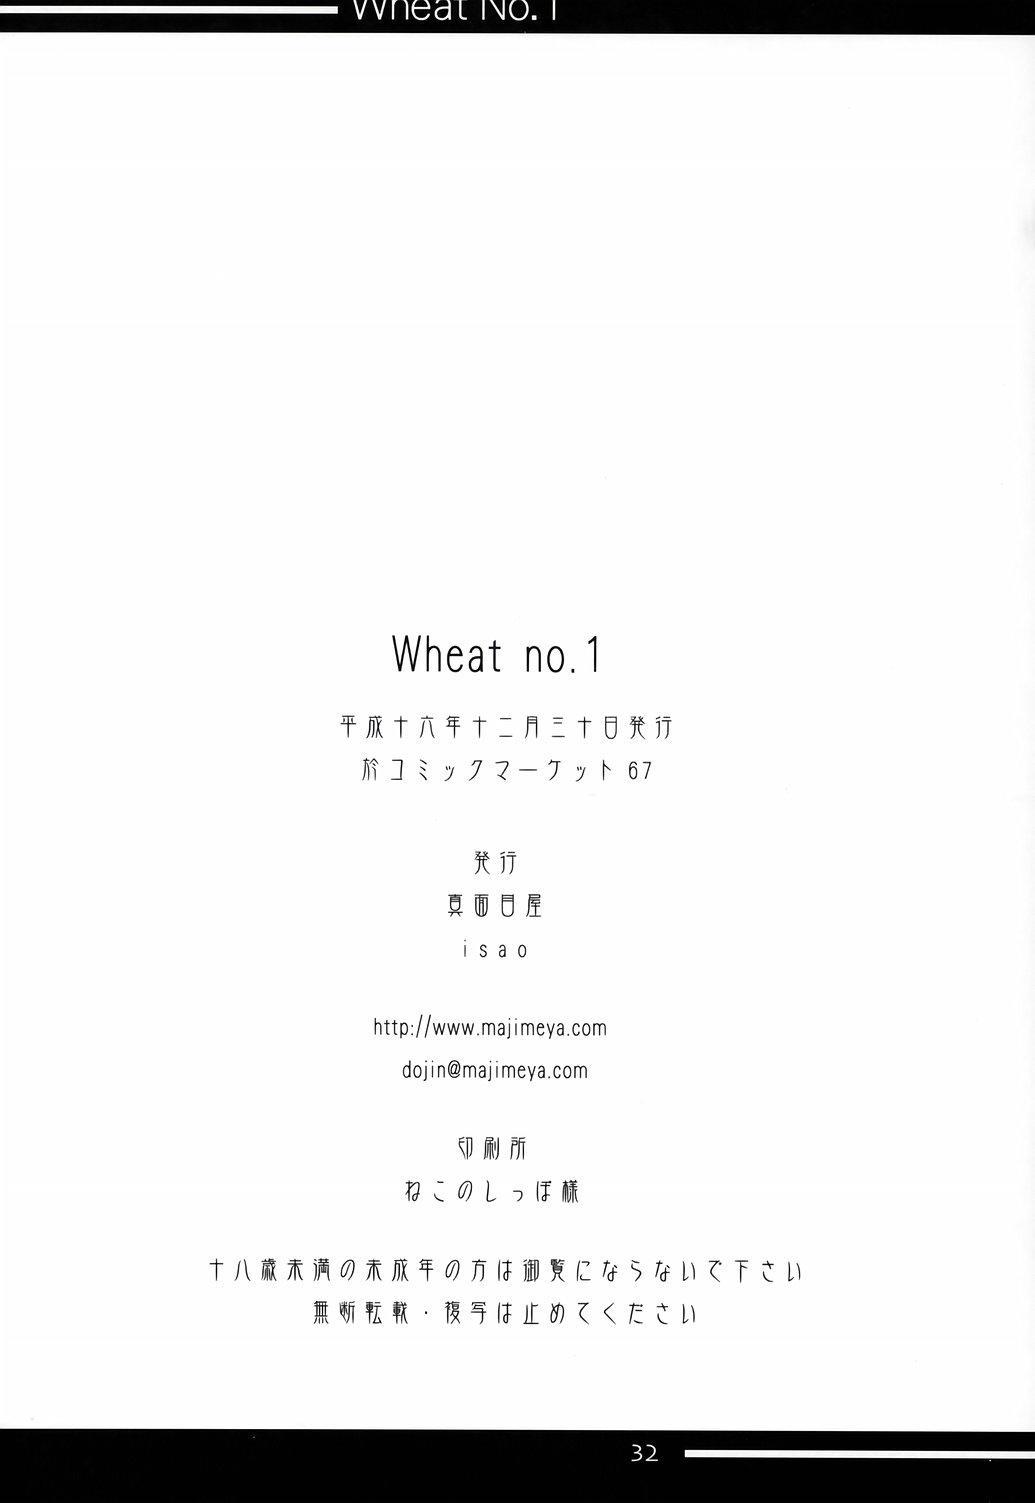 Wheat No.1 28